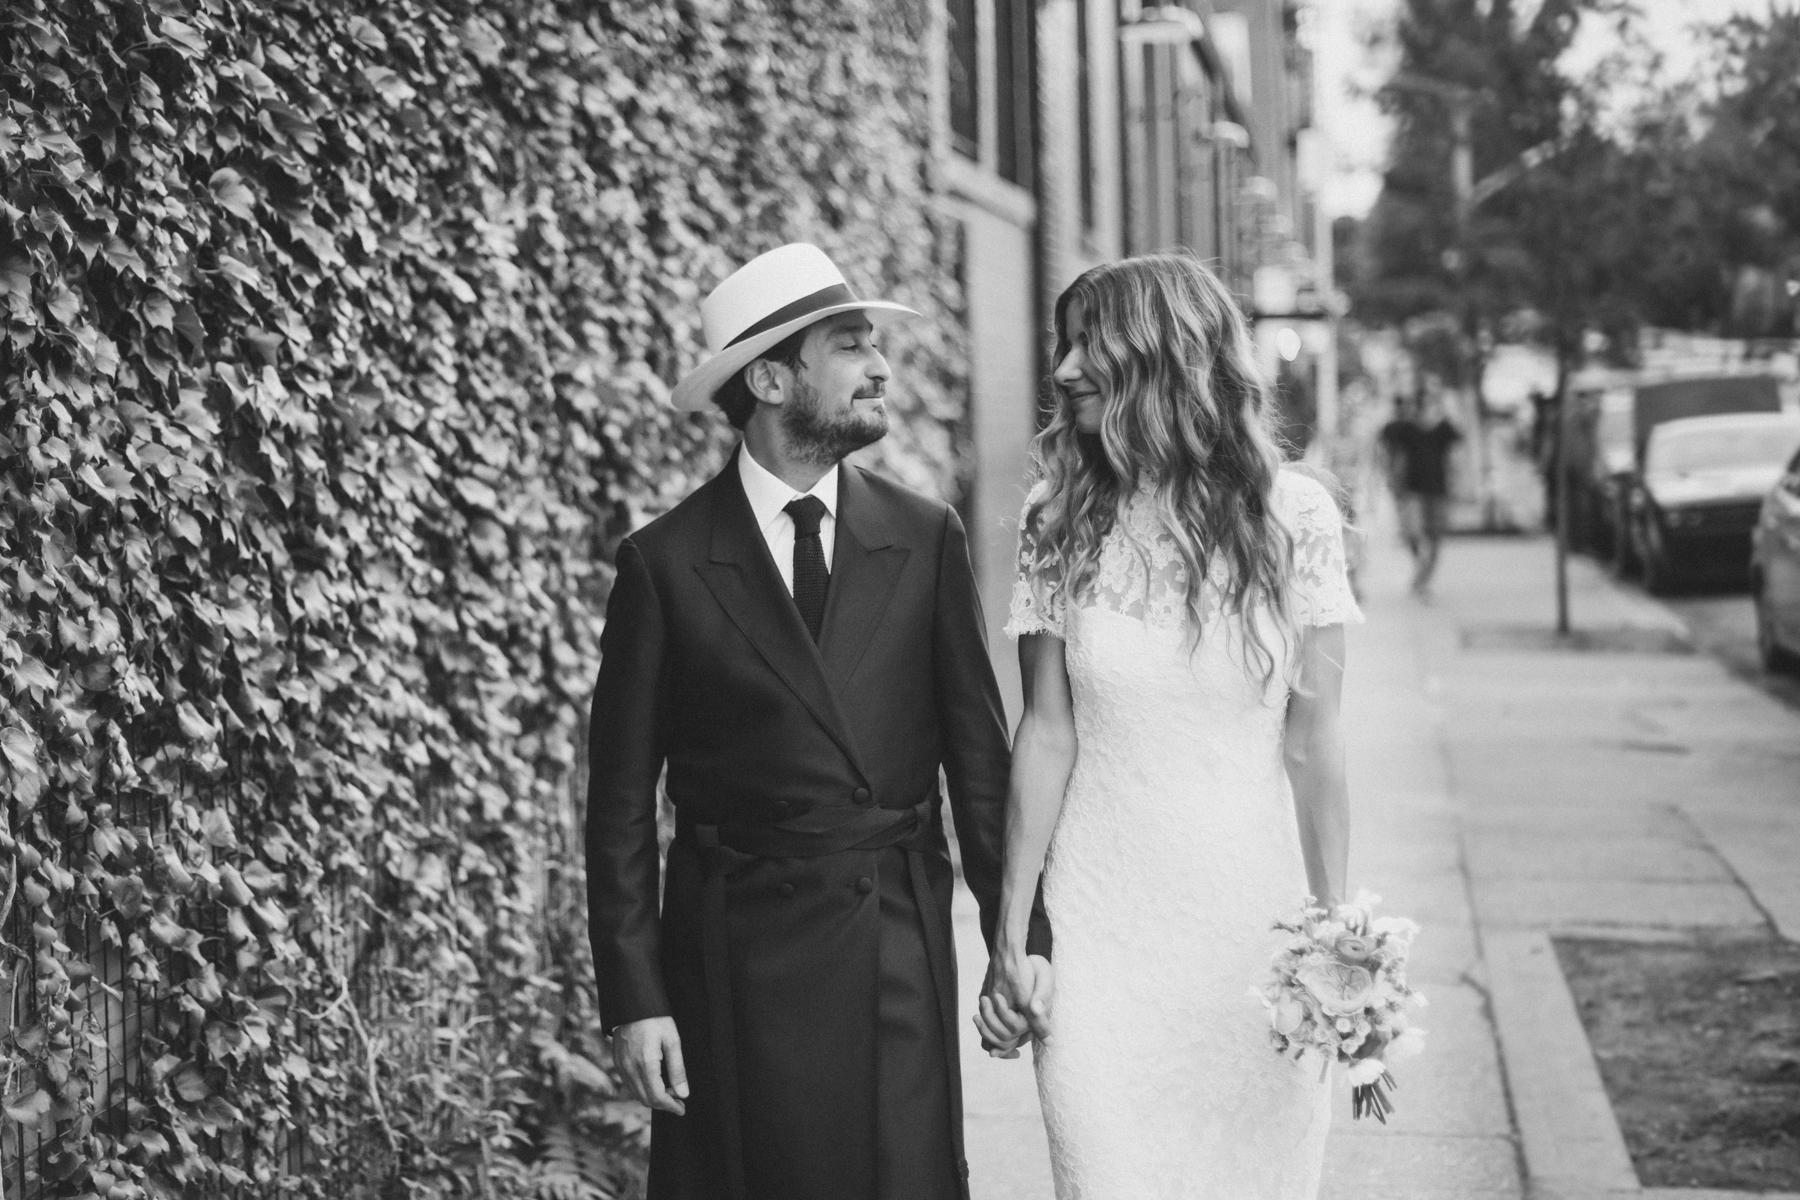 Wythe-Hotel-Green-Building-Brooklyn-Documentary-Wedding-Photography-82.jpg